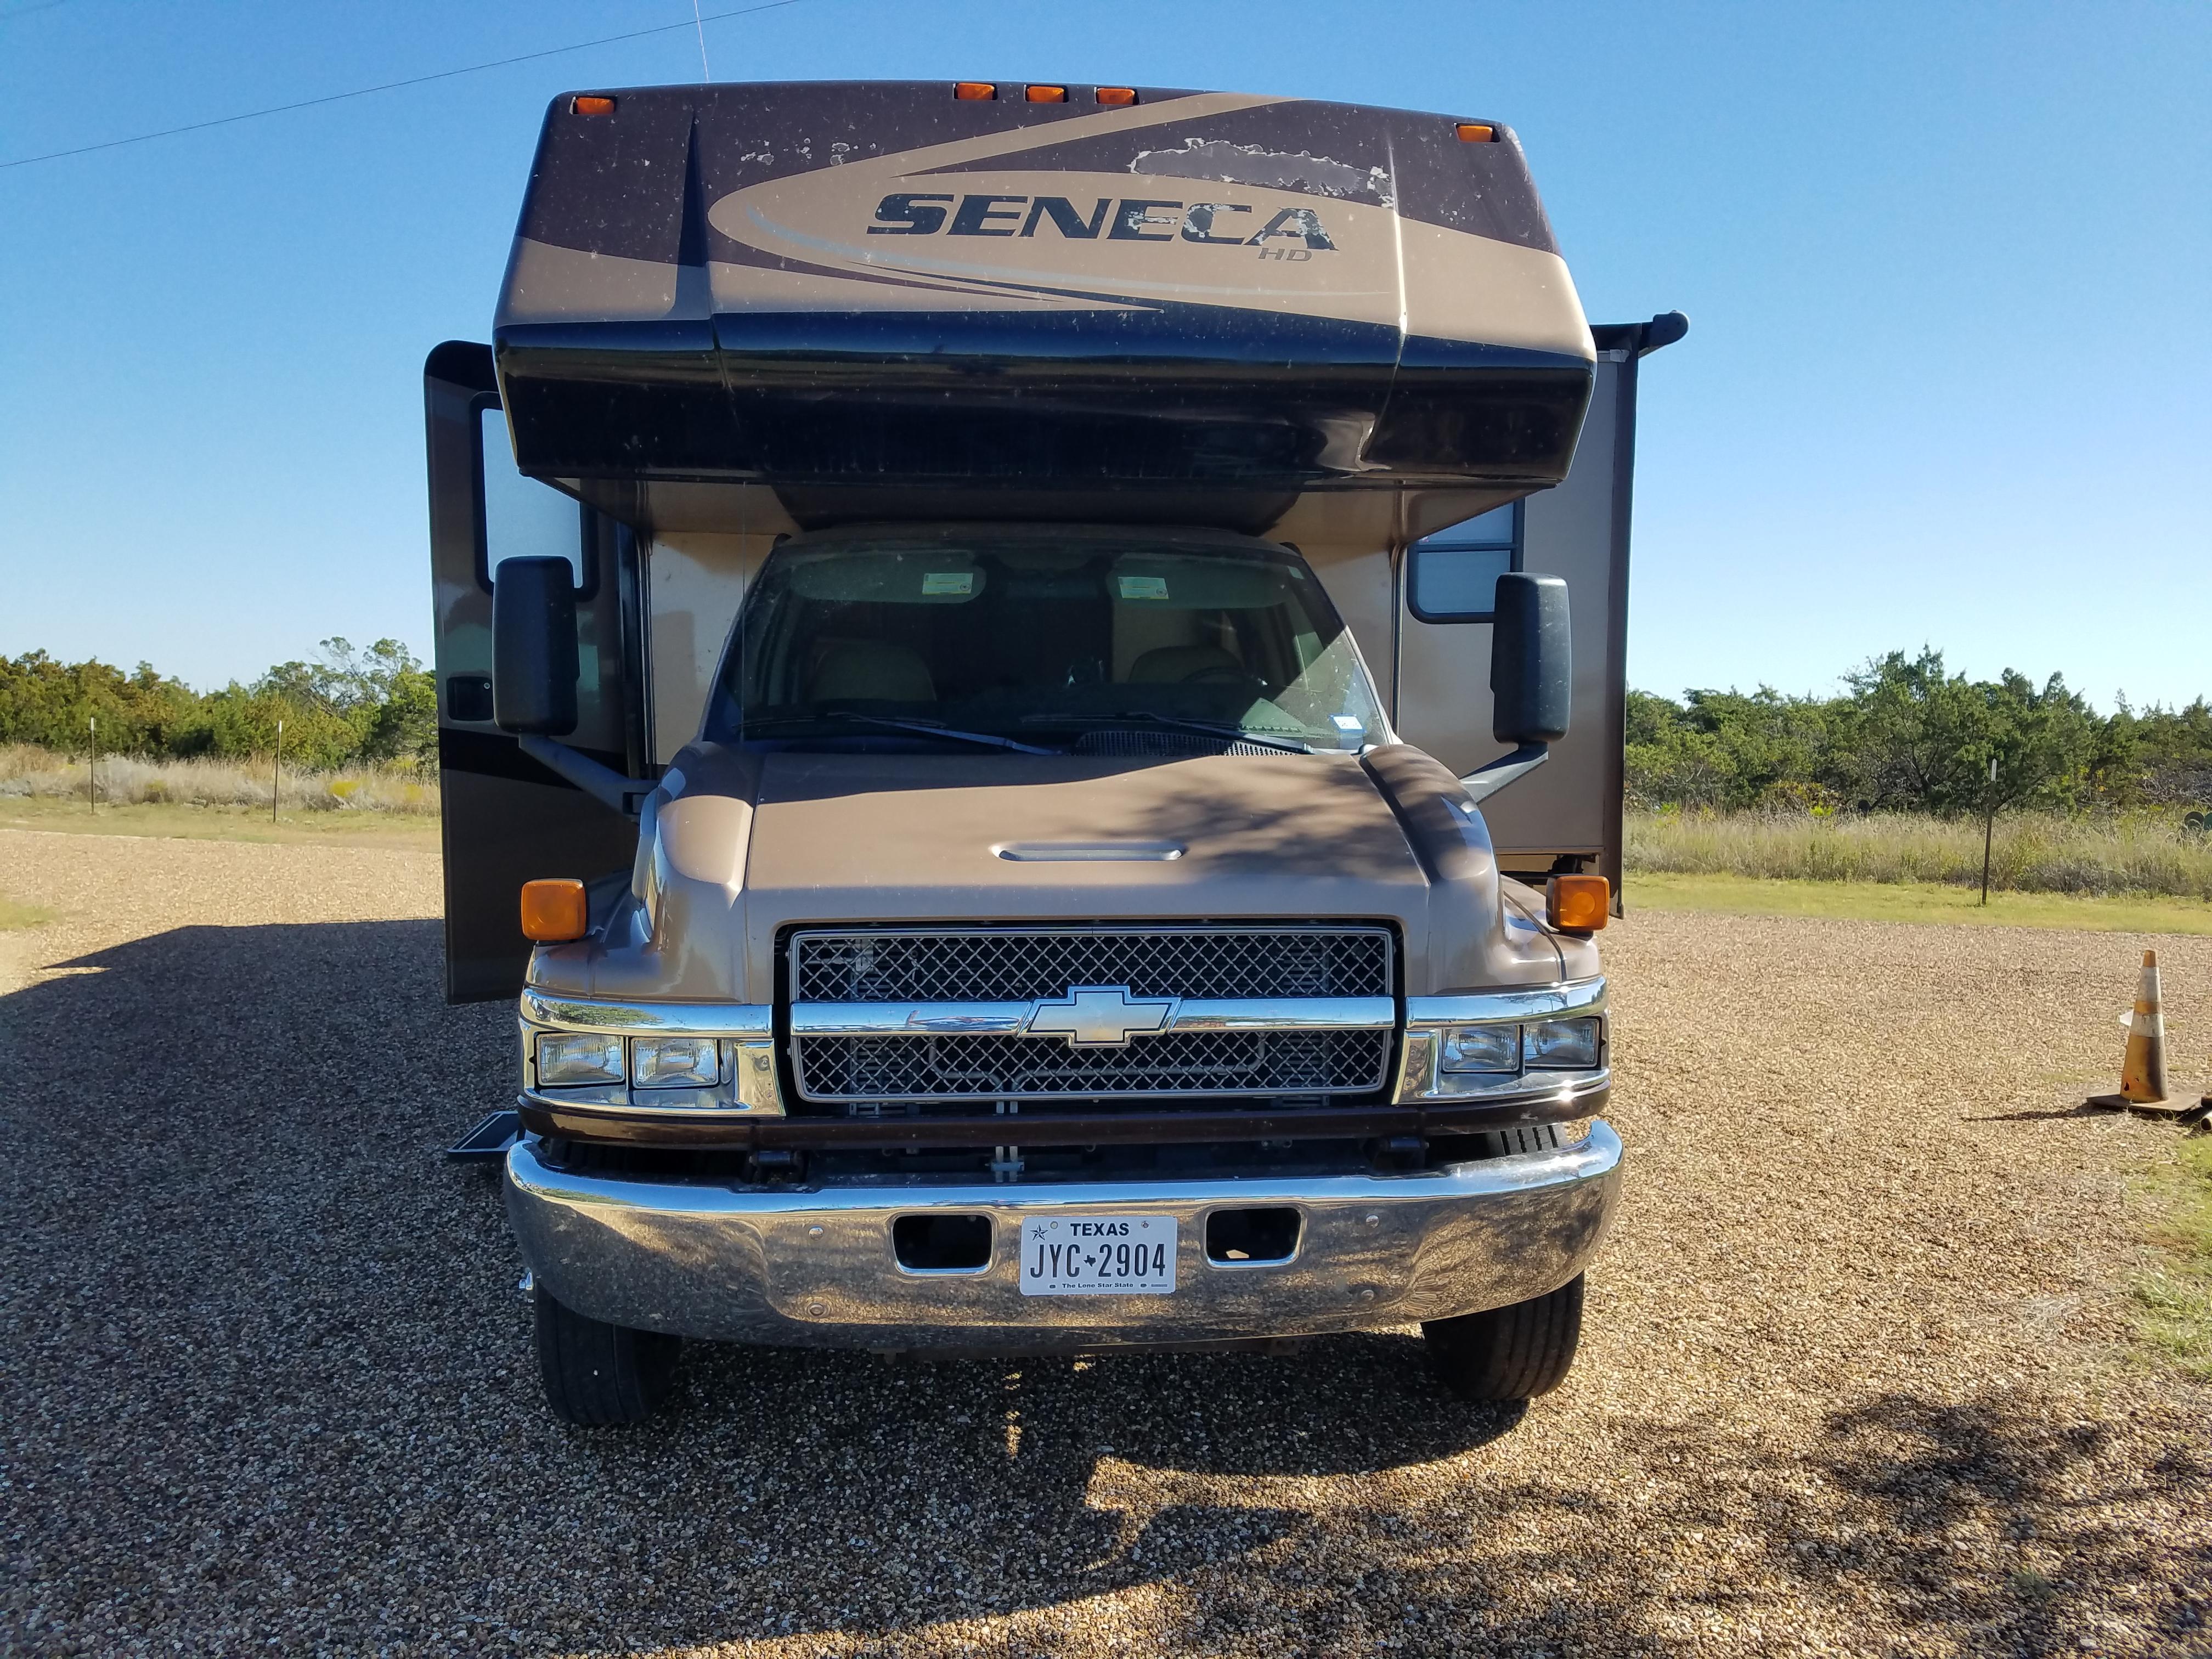 Express cab nolanville texas